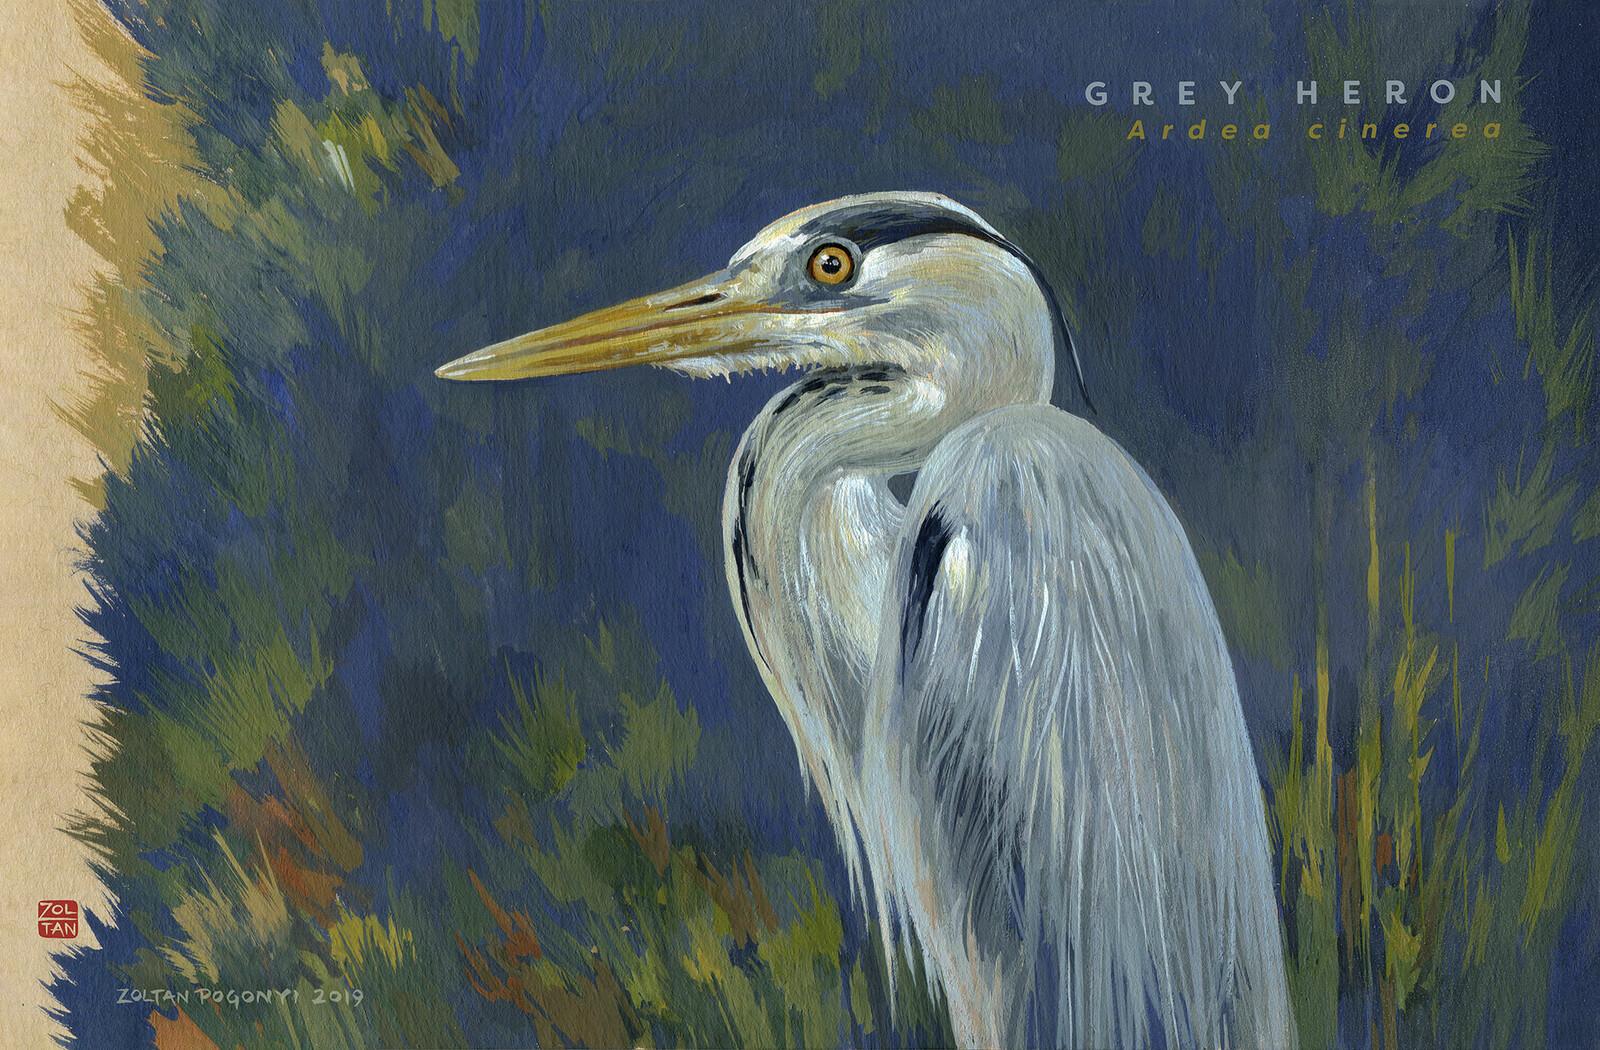 Grey heron (Ardea cinerea))